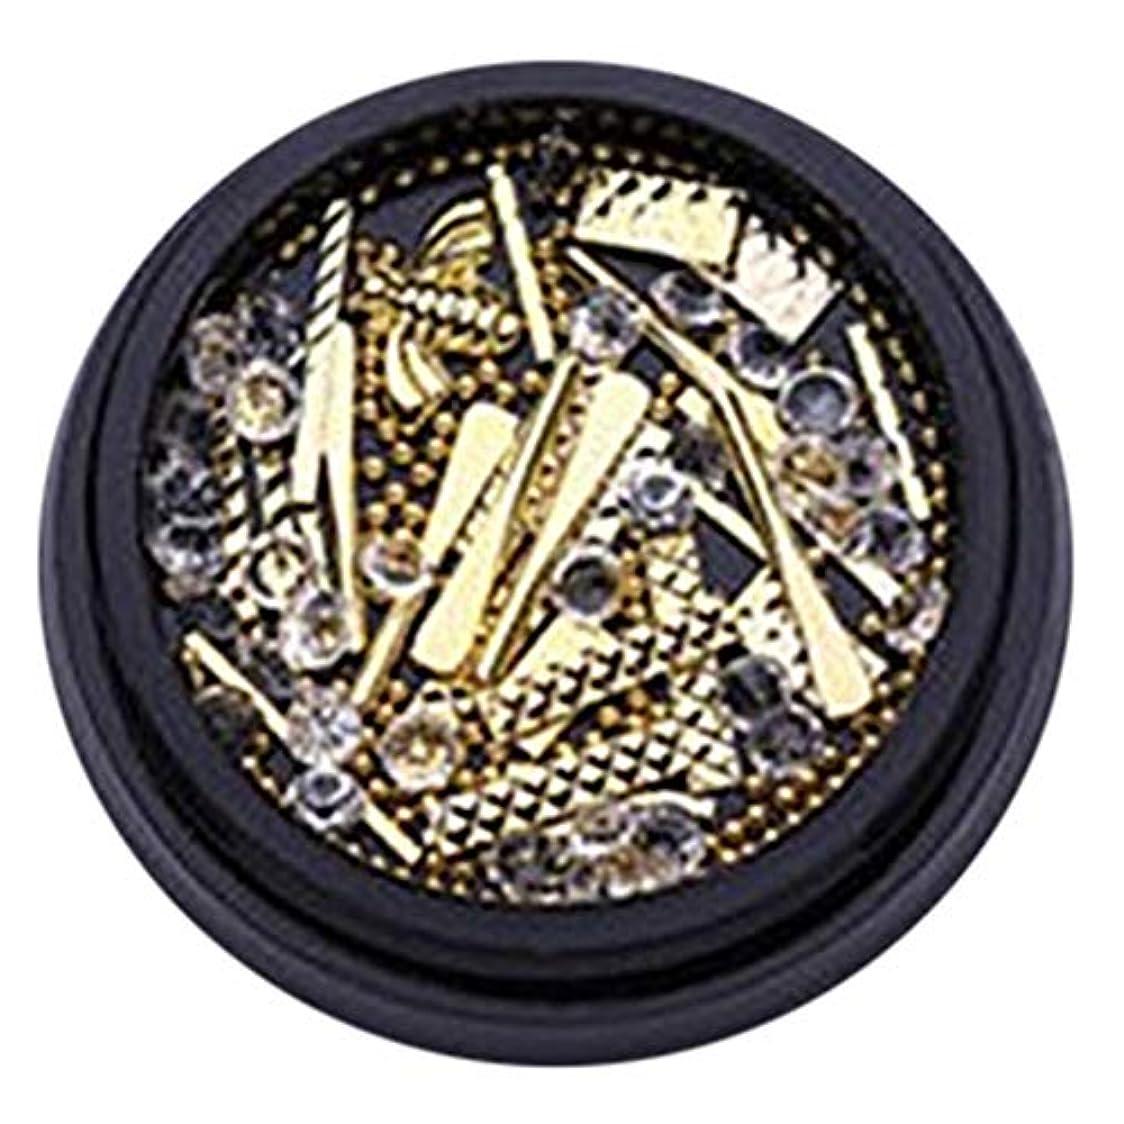 多様性エキサイティングわずかなhamulekfae-和風可愛い人気ブラクケア金属バー長方形リベットネイルアート宝石ラインストーンデコレーションホイールDIYのヒント - ゴールデンGolden